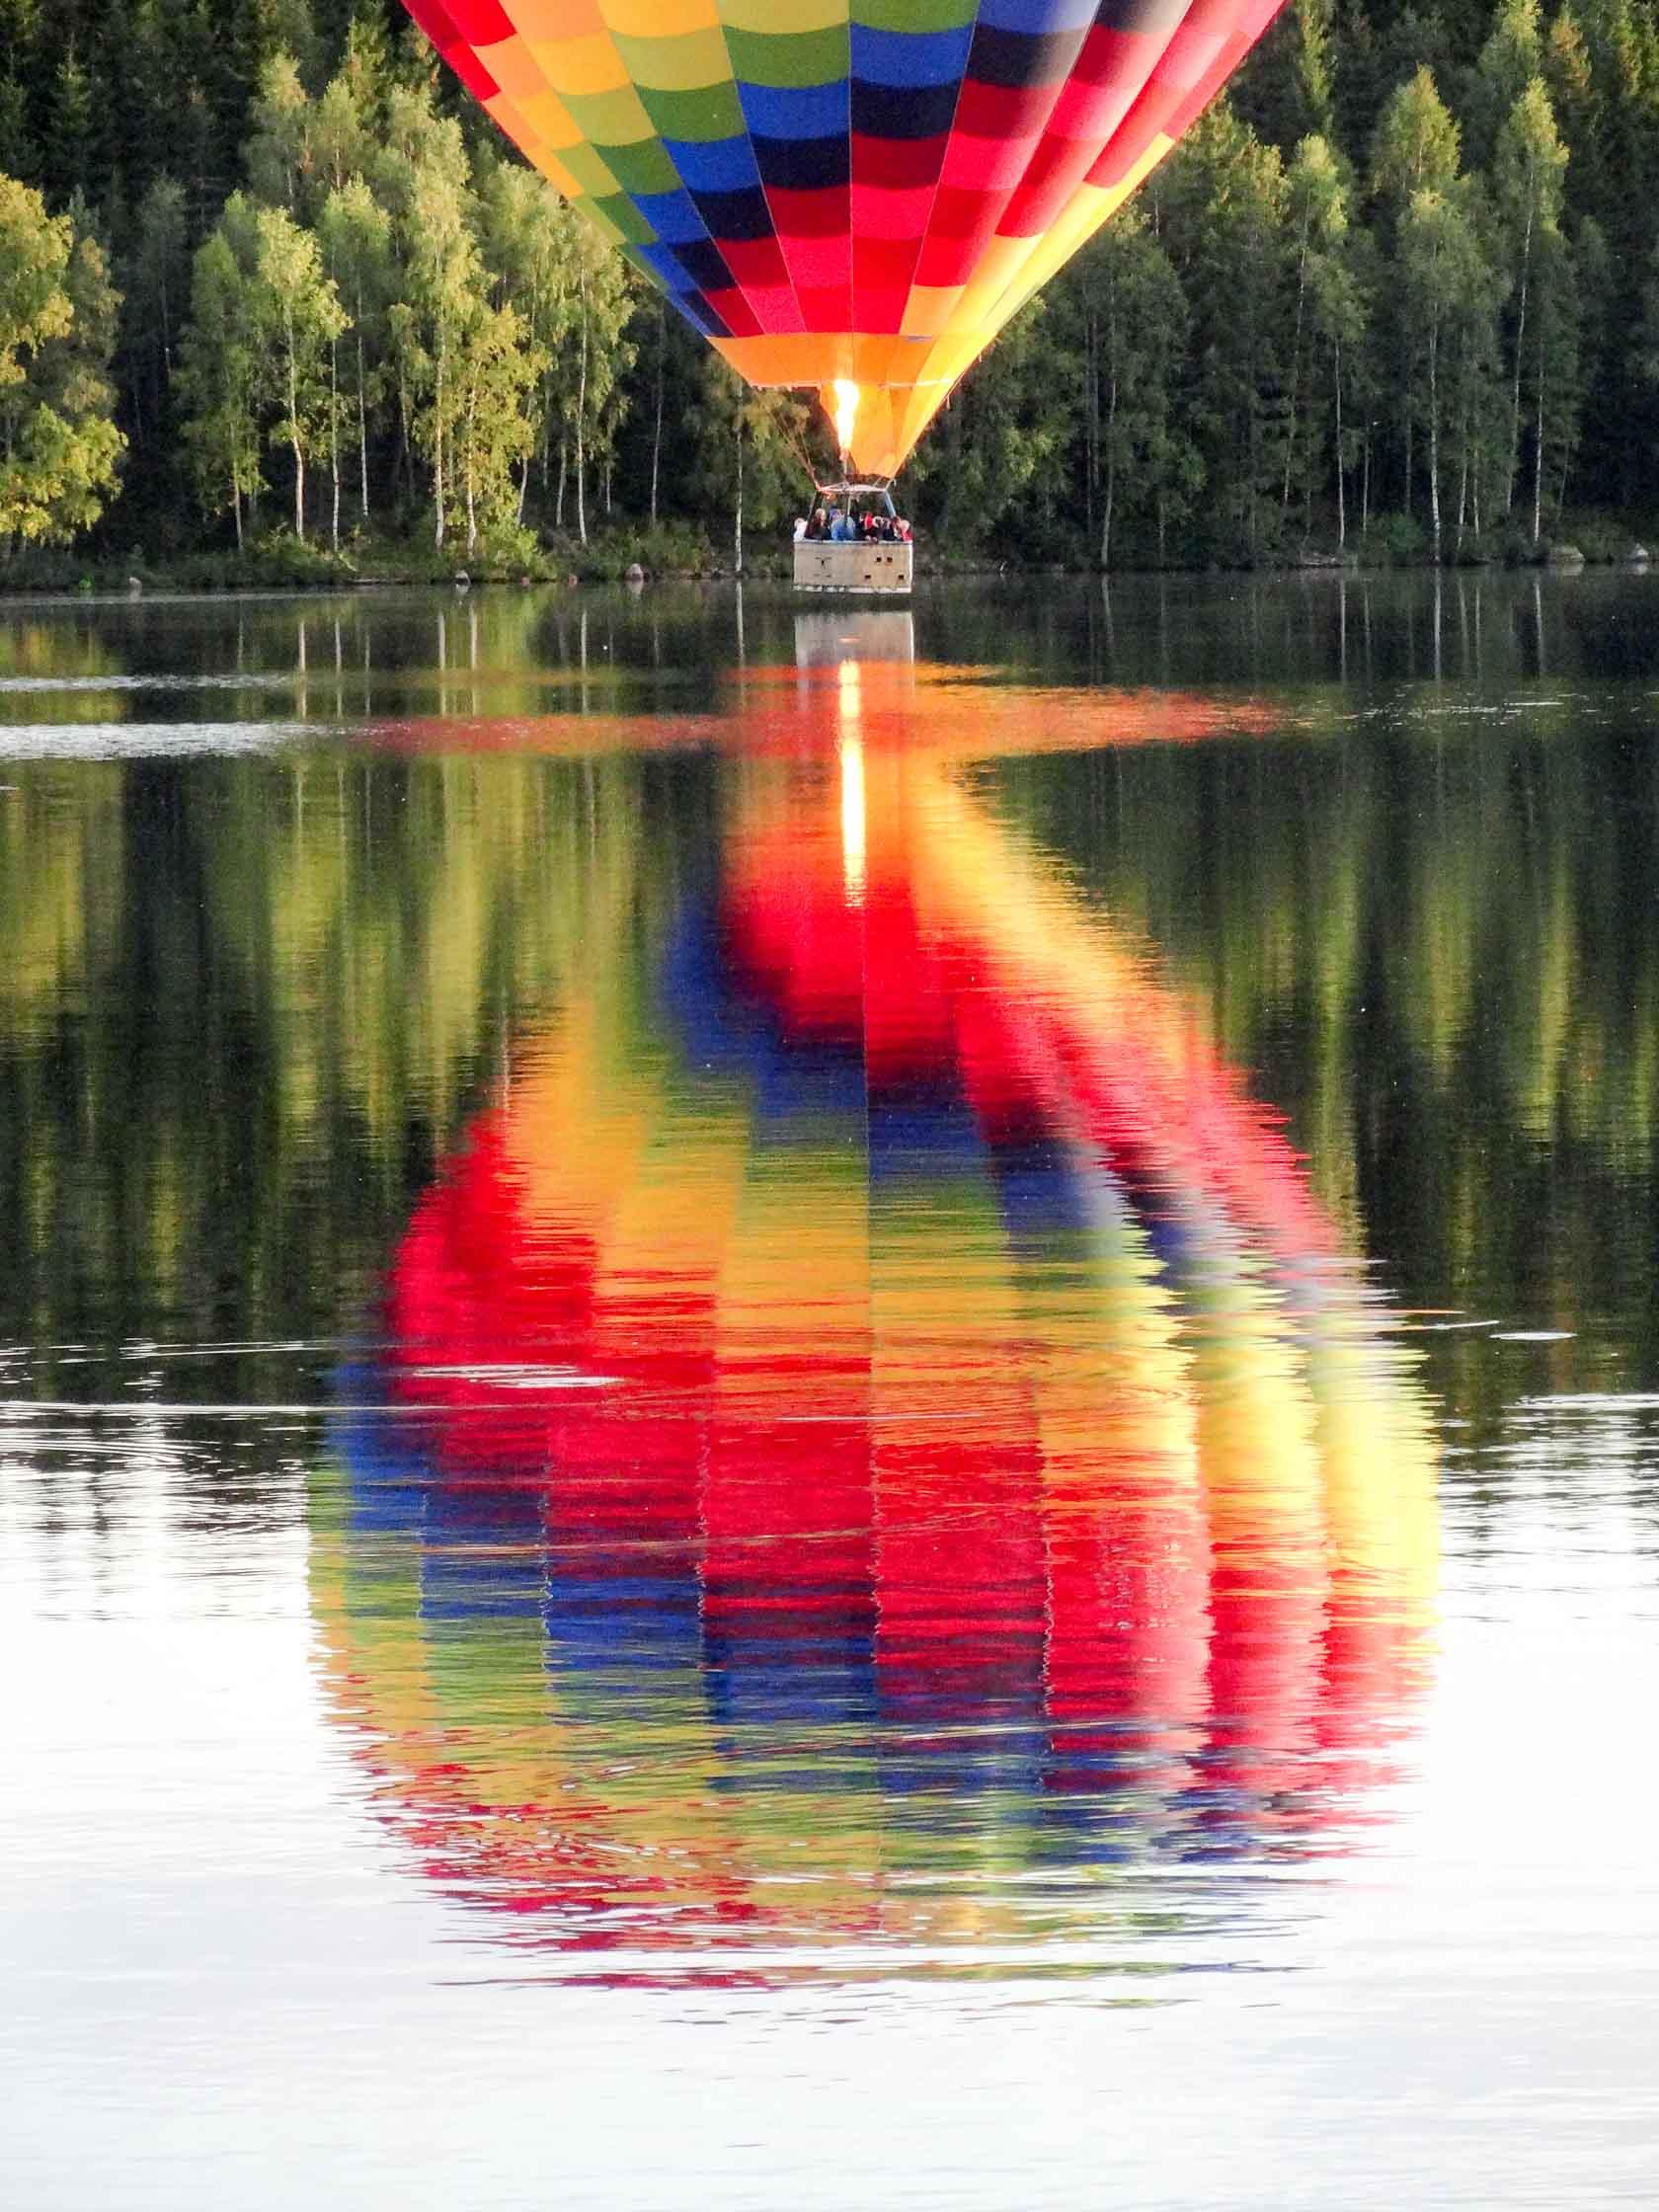 Flyg-ballong-076